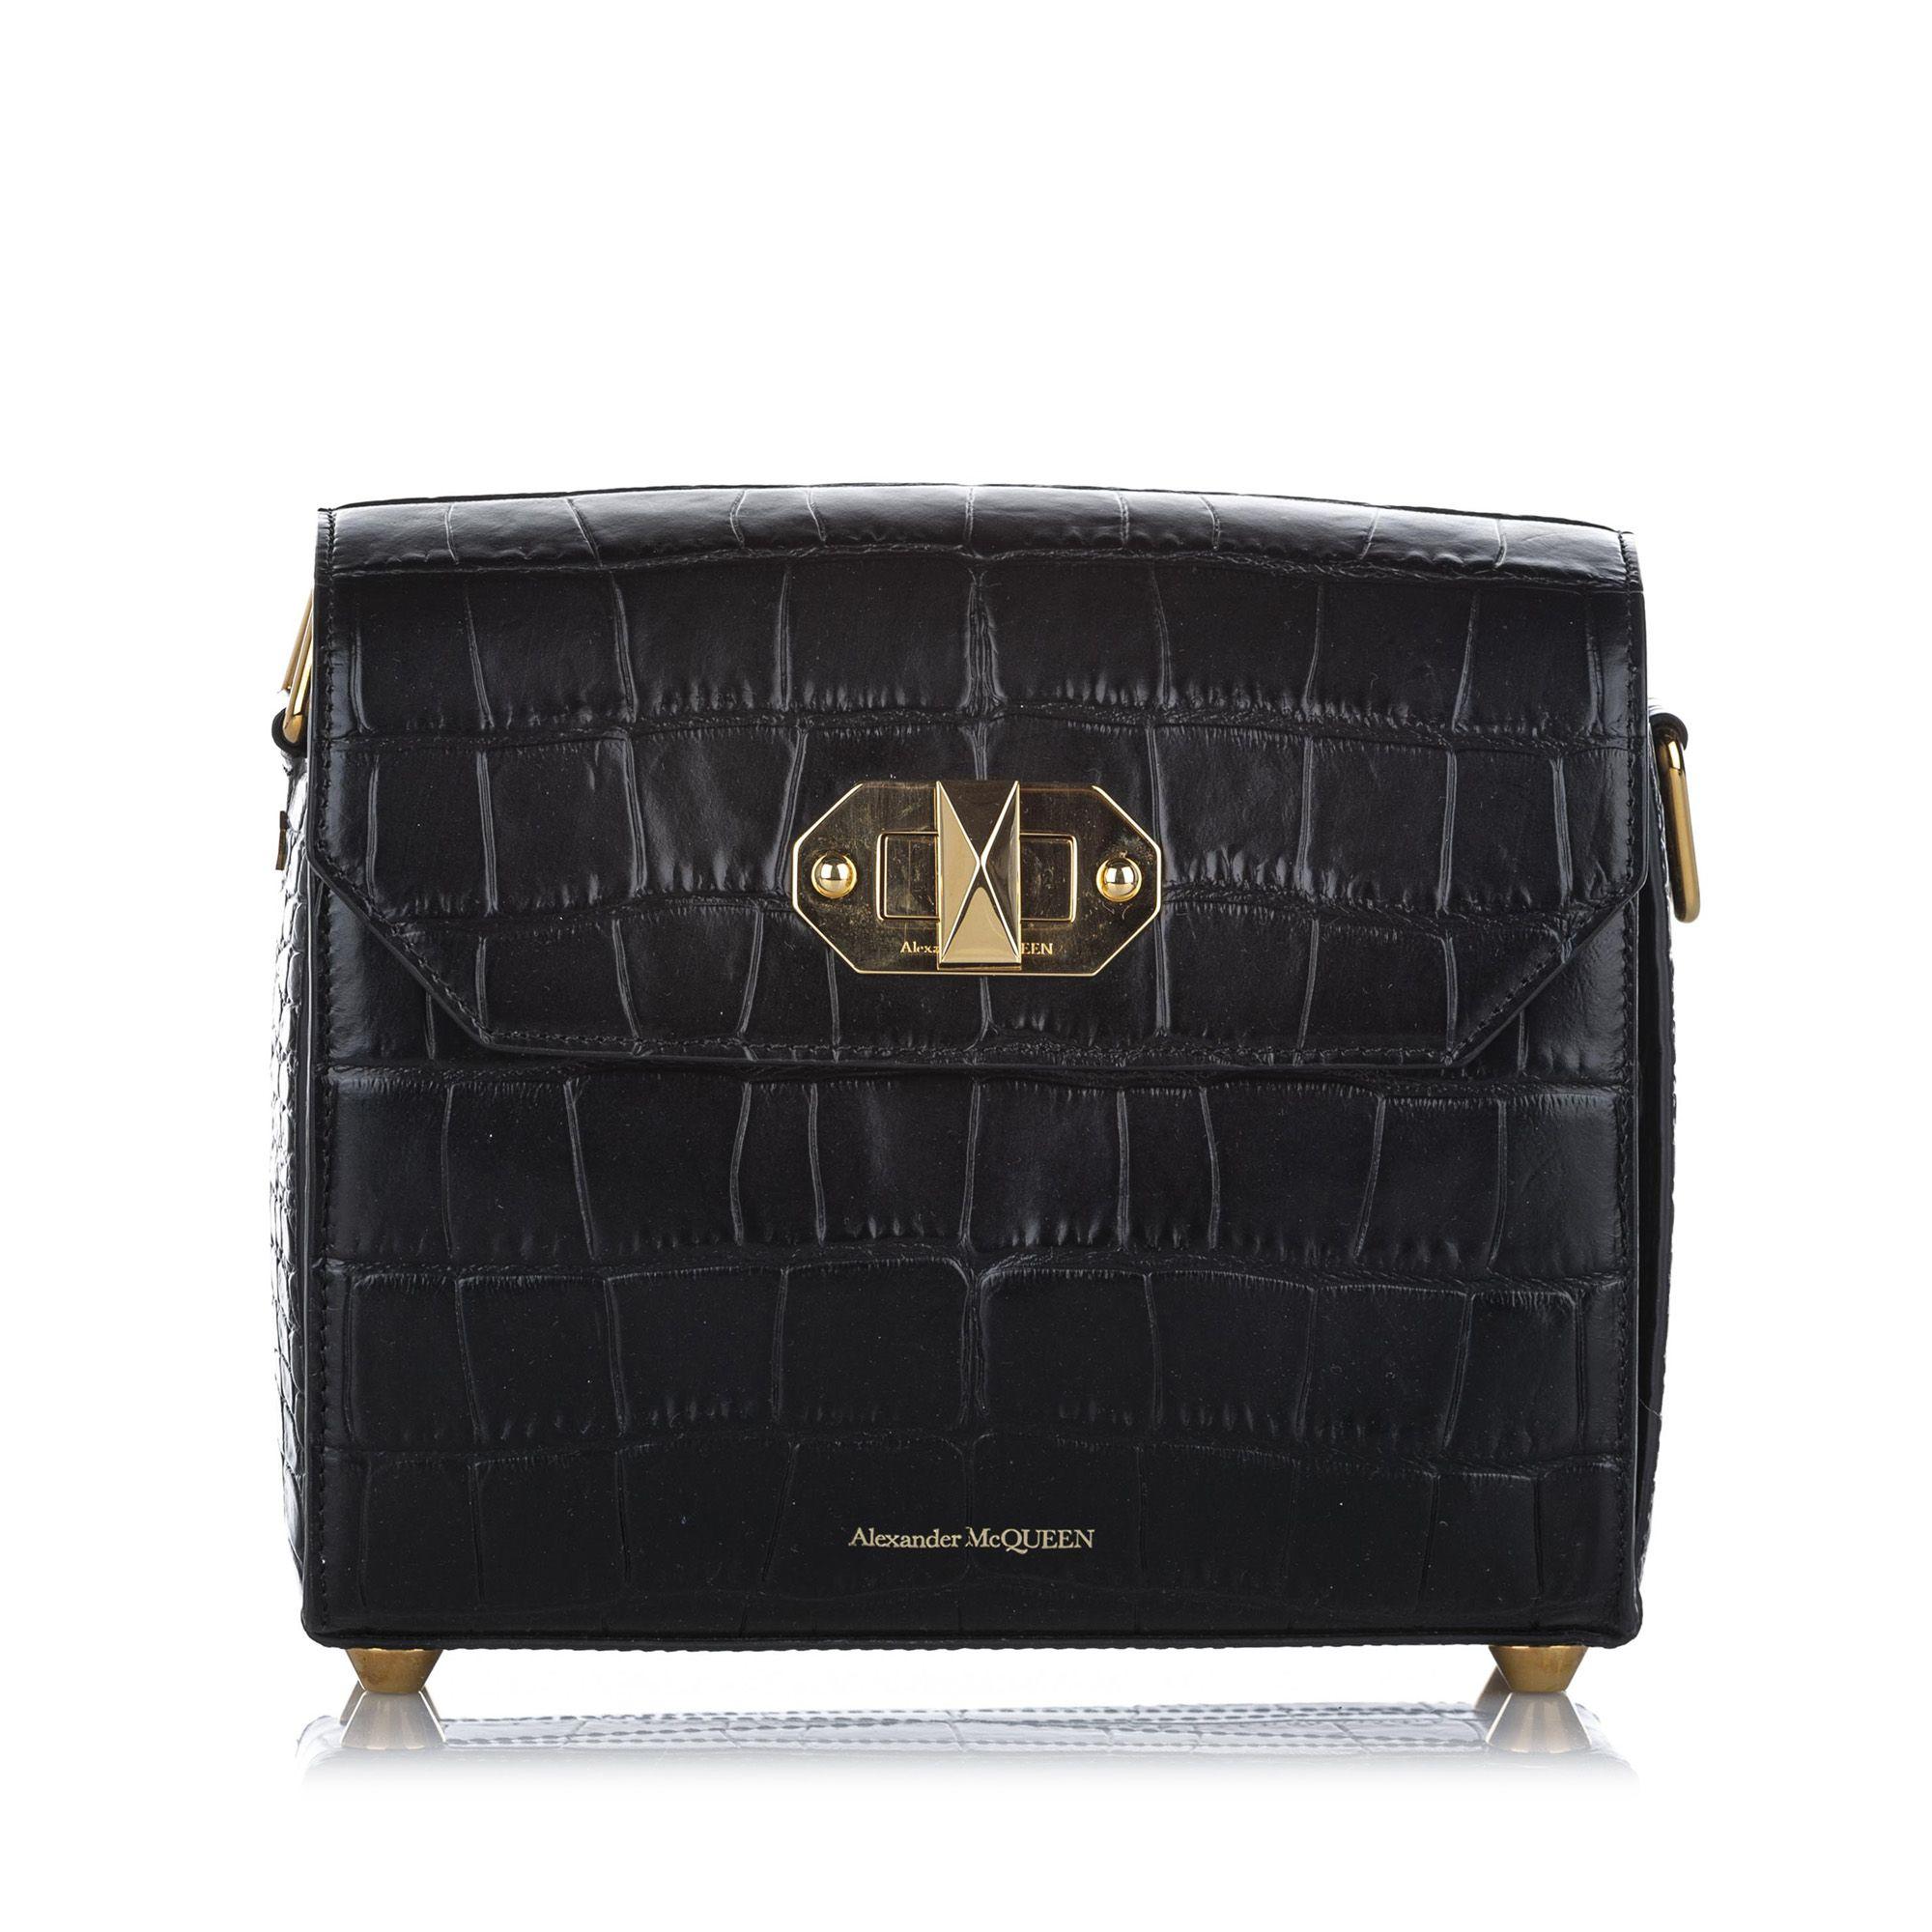 Vintage Alexander McQueen Alex 21.5 Box Embossed Leather Shoulder Bag Black